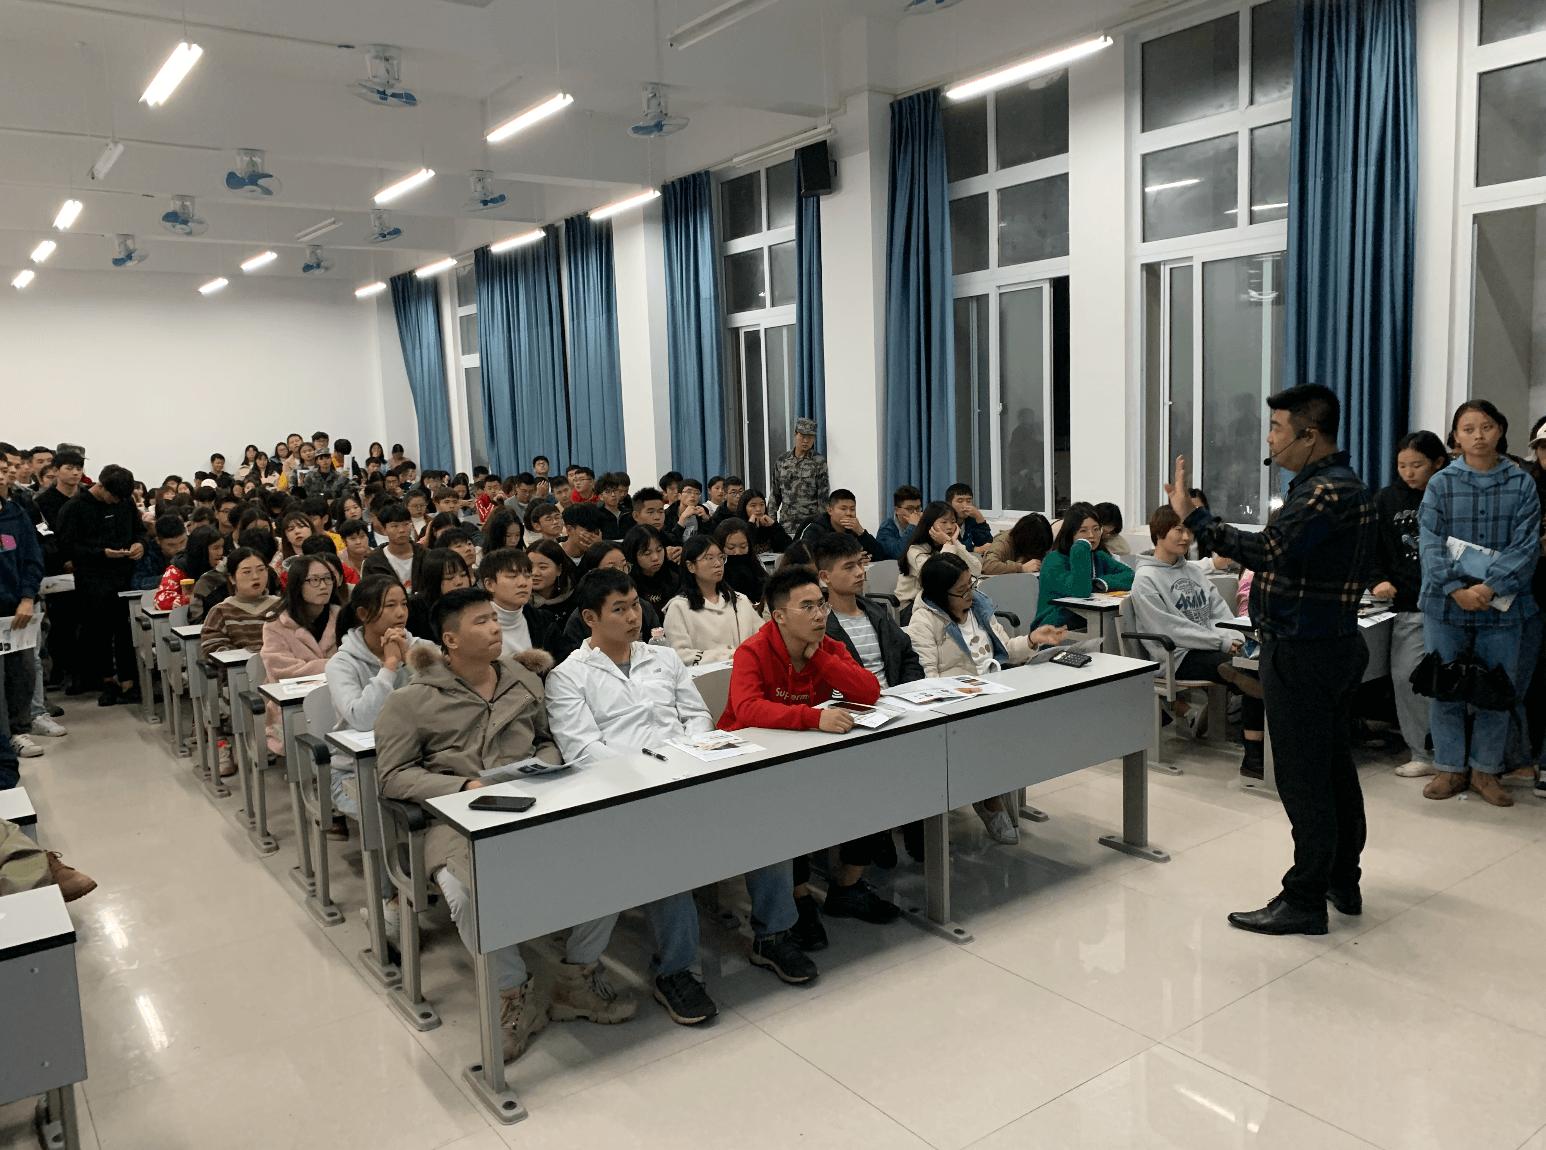 校园宣讲 | CDA走进眉山天府新区信息技术学院